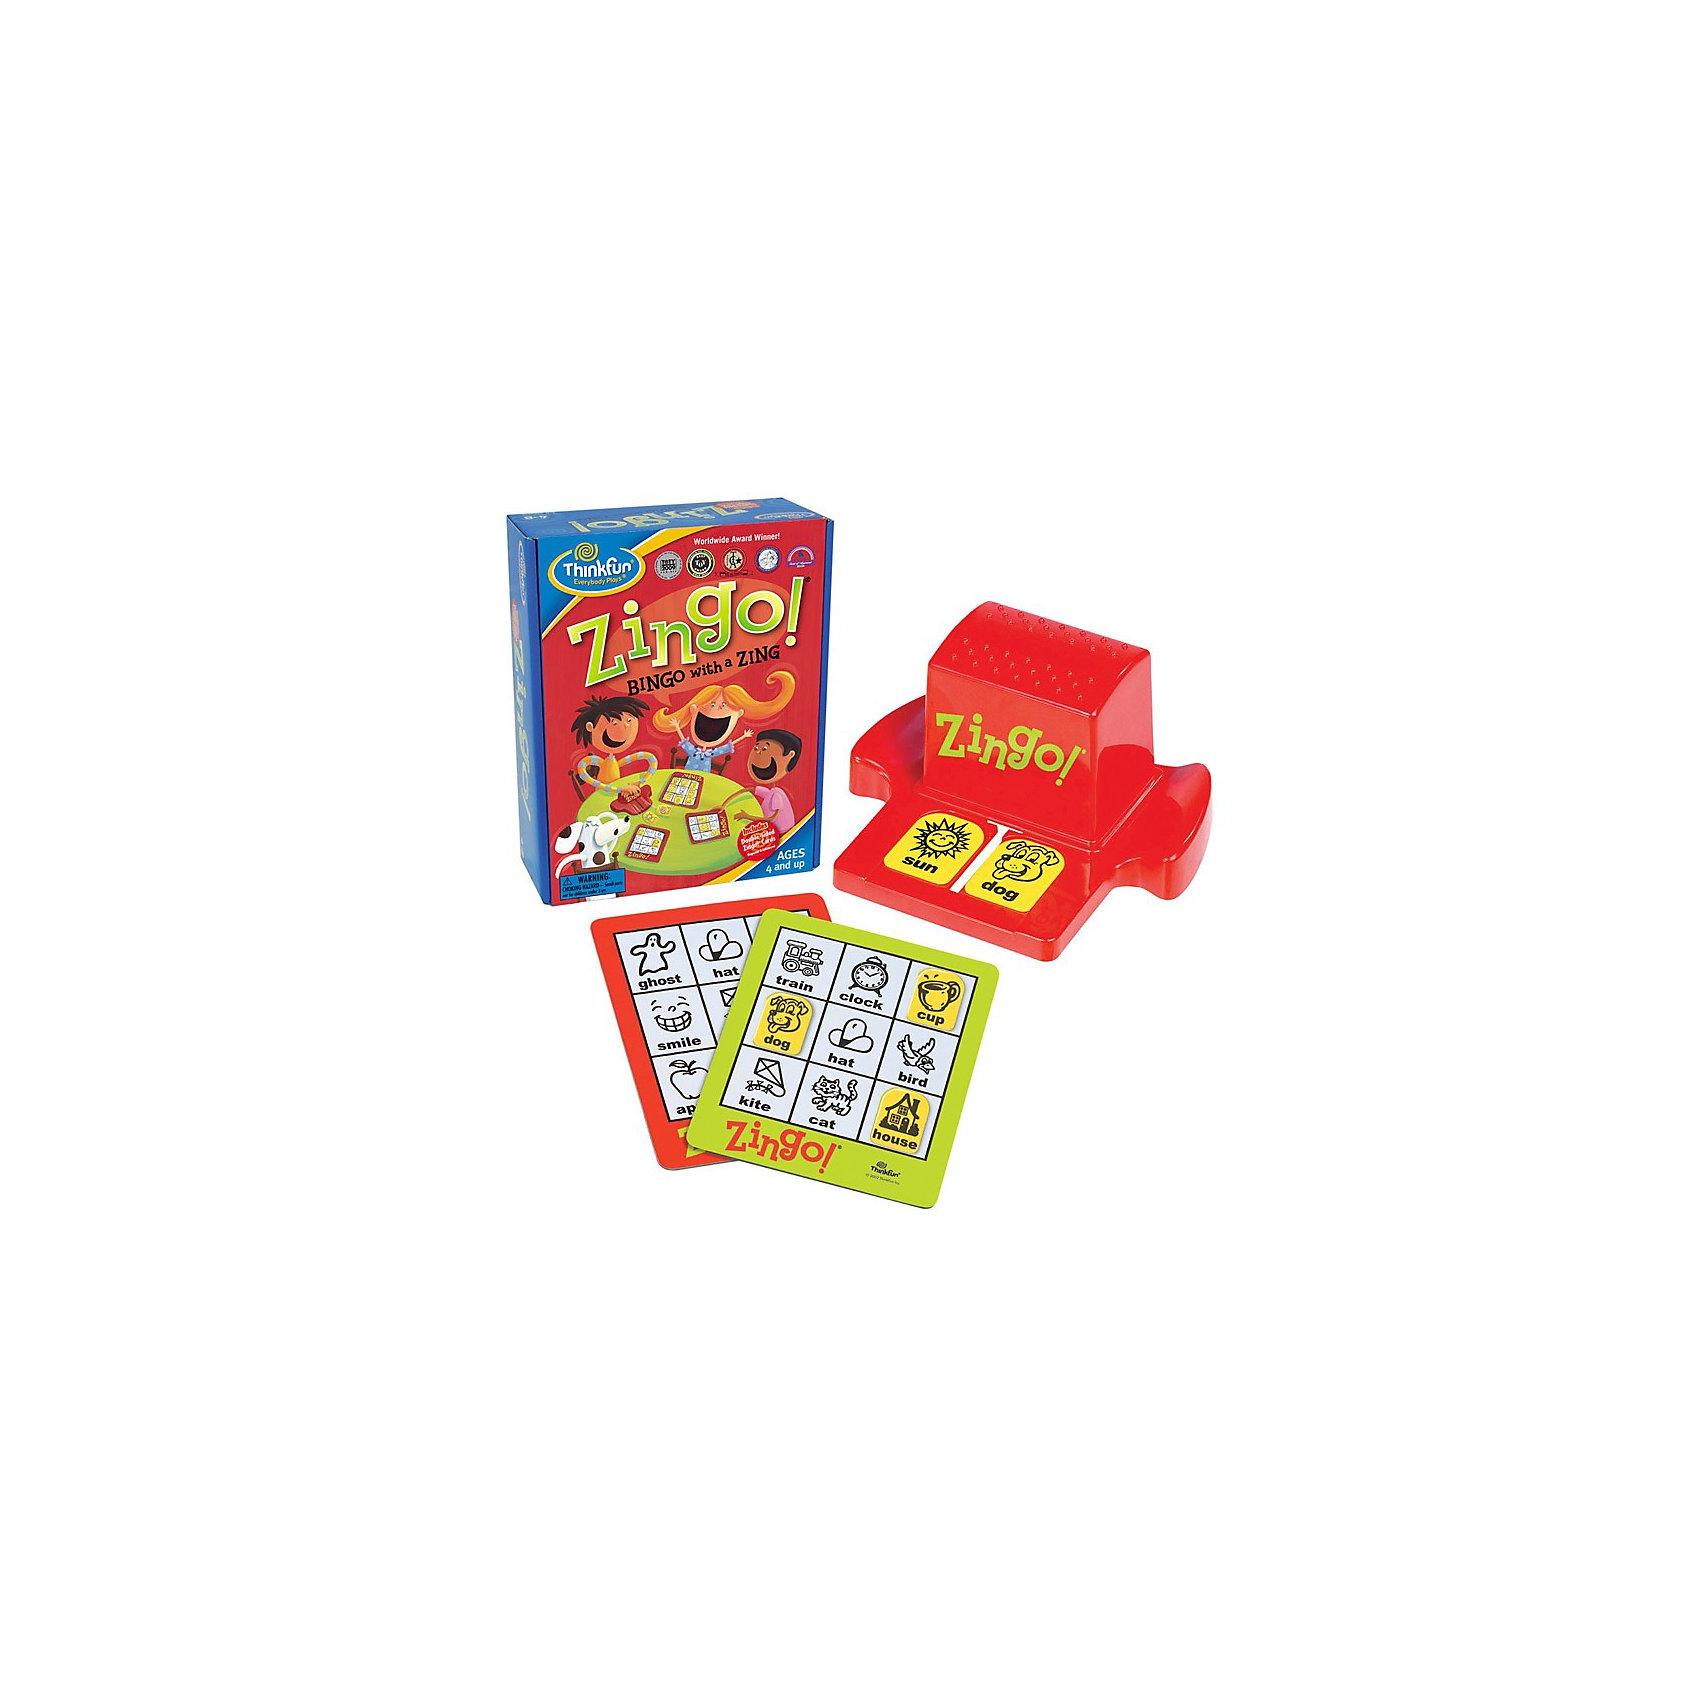 Детское лото Обучай-ка, ThinkfunЛото<br>Thinkfun 7700-RU Детское лото Обучай-ка<br>Детское лото «Обучай-ка». (ZINGO) - захватывающая игра, развивающая ассоциативное мышление и многие другие навыки. В игре используются слова и картинки, поэтому она прекрасно подходит для детей, не умеющих или  начинающих читать. СЛОВА НАПИСАНЫ НА РУССКОМ ЯЗЫКЕ. <br><br>Цель игры - игроки стараются первыми полностью закрыть свои карточки соответствующими фишками. <br><br>Детское лото «Обучай-ка!» научит детей от 4-х лет:<br>• Распознавать слова и изображения  <br>• Соотносить слова и изображения  <br>• Быстро вербализировать свои мысли  <br>• Правильно писать слова  <br>• Концентрировать внимание  <br>• Радоваться победам и переживать поражения. <br><br>Детское лото «Обучай-ка» неоднократно становилось победителем различных смотров и конкурсов.<br><br>Ширина мм: 90<br>Глубина мм: 203<br>Высота мм: 260<br>Вес г: 423<br>Возраст от месяцев: 72<br>Возраст до месяцев: 108<br>Пол: Унисекс<br>Возраст: Детский<br>SKU: 2148461